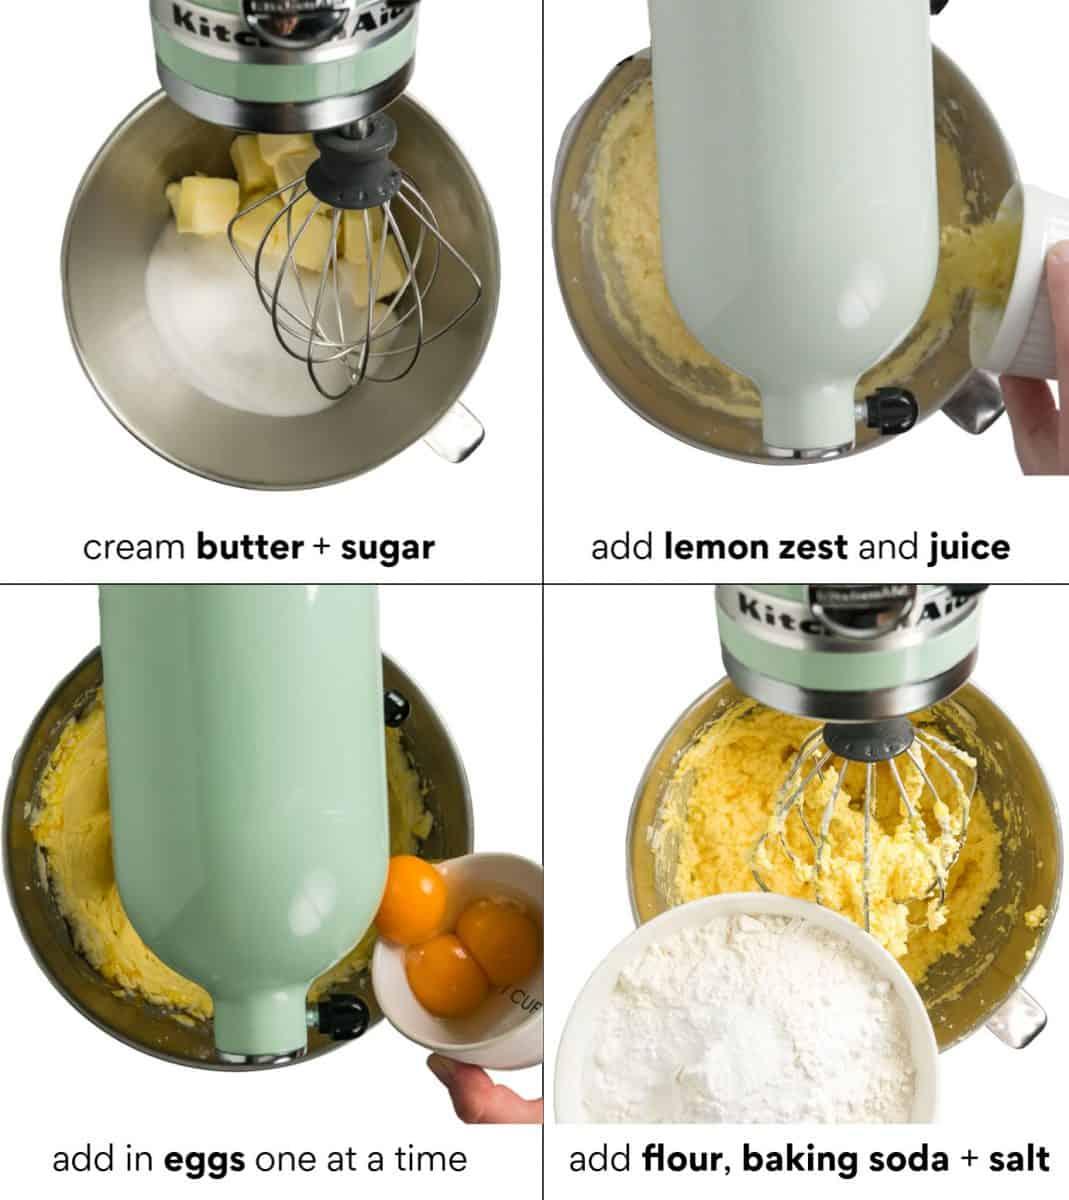 Making the batter for the German lemon pound cake (Zitronenkuchen)